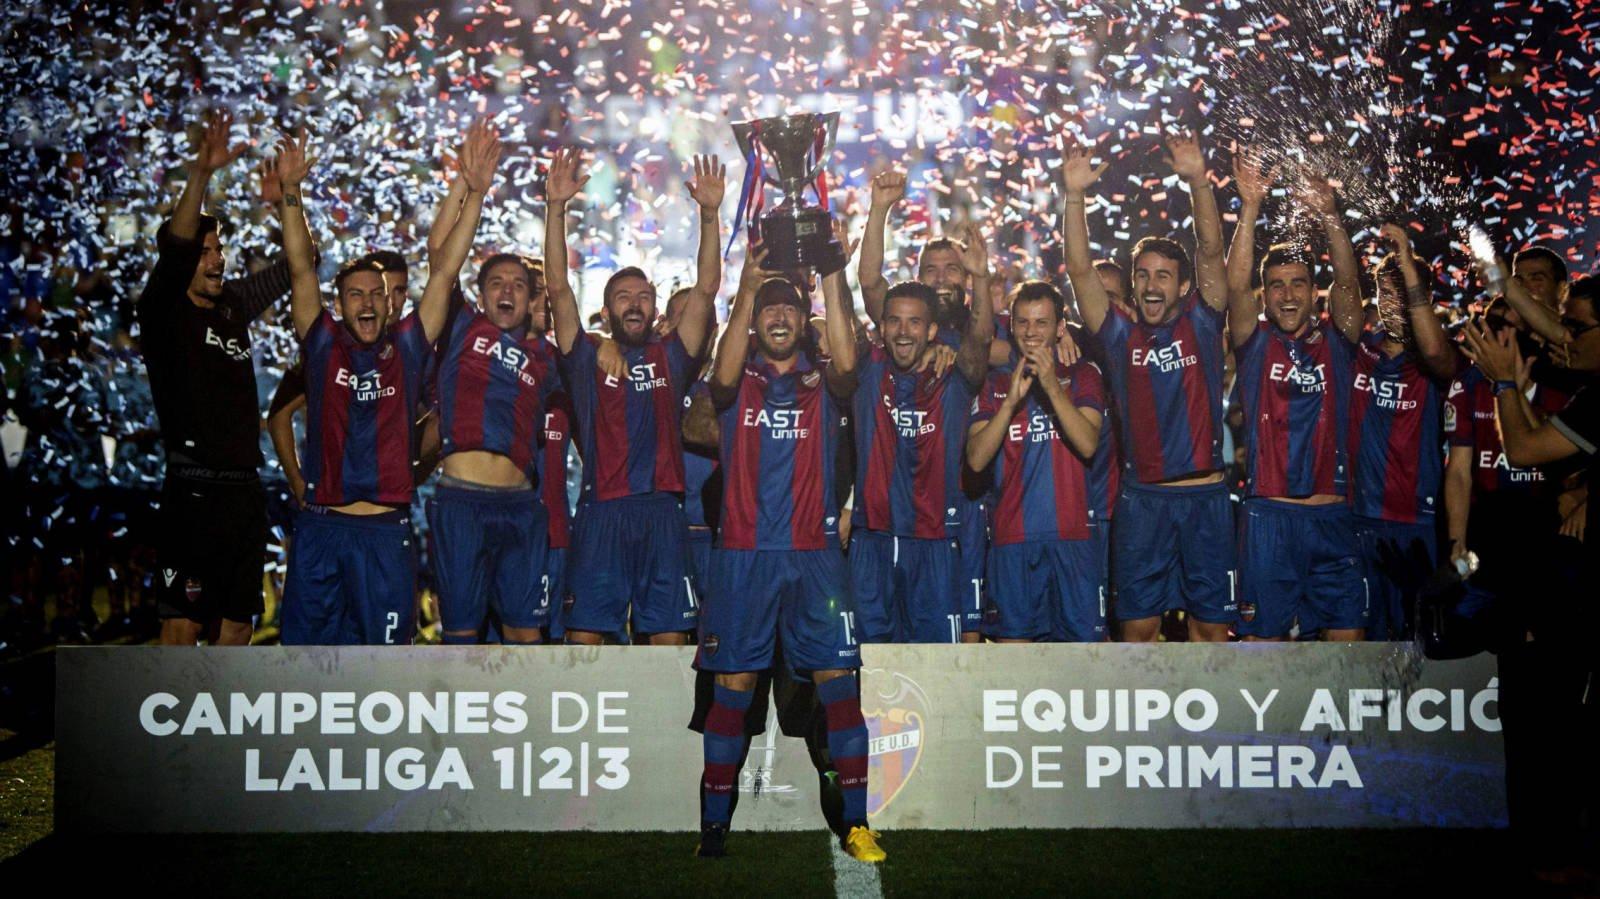 El Levante se alzó como campeón de Segunda División con gran diferencia sobre los demás candidatos, una gesta increíble.